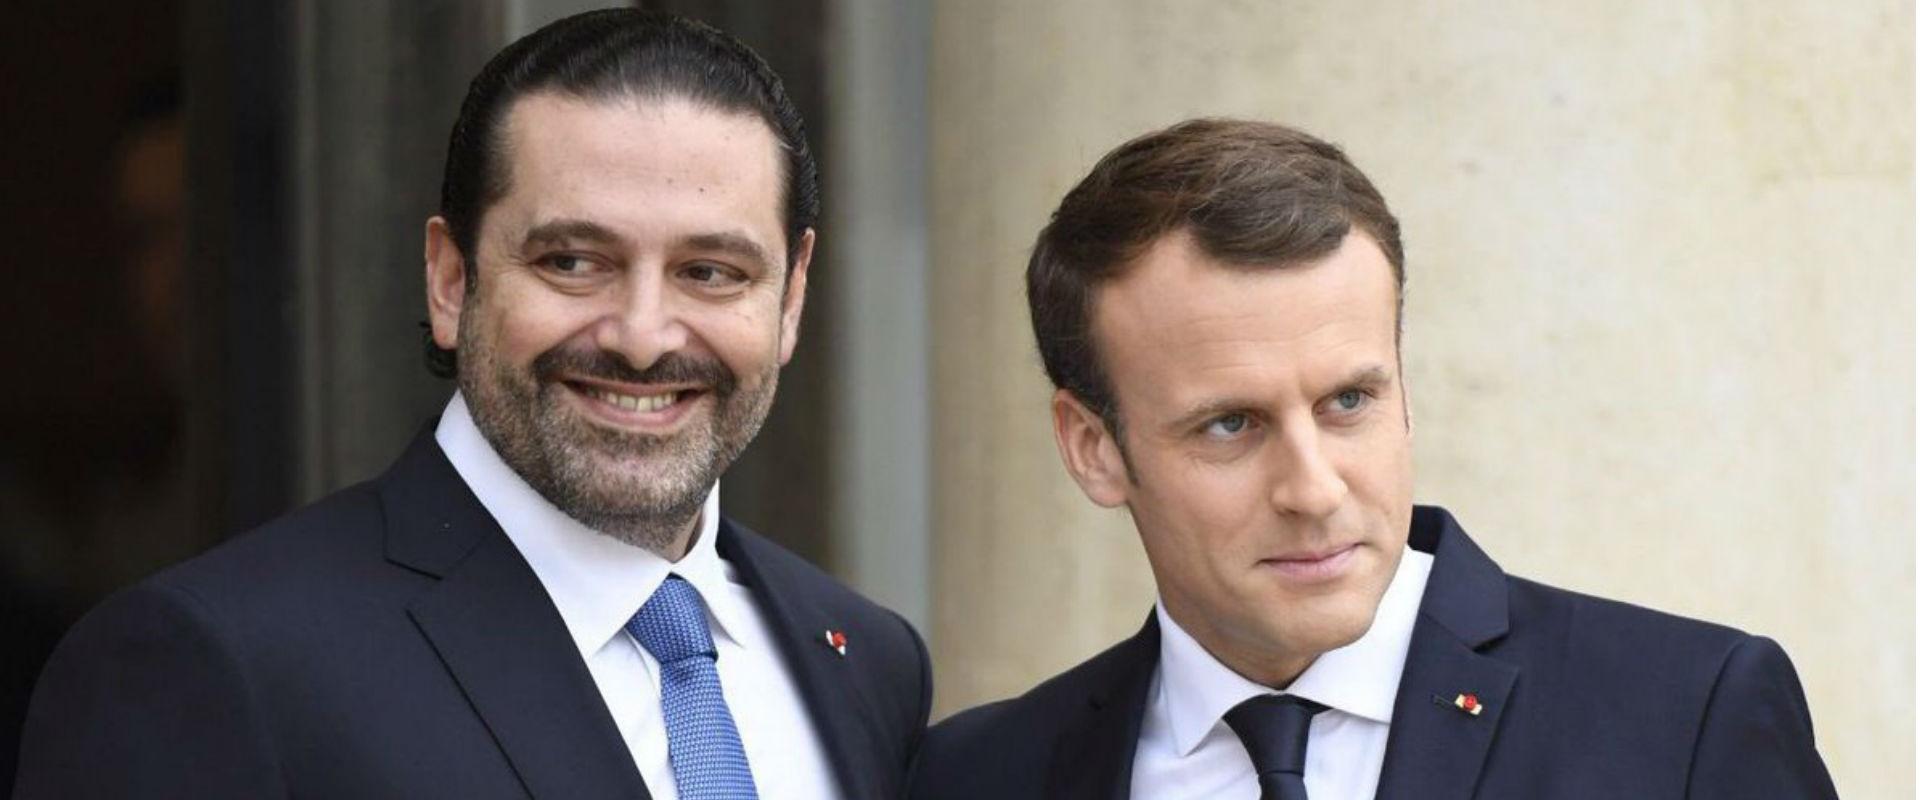 ראש ממשלת לבנון המתפטר סעד אל-חרירי ונשיא צרפת עמנ